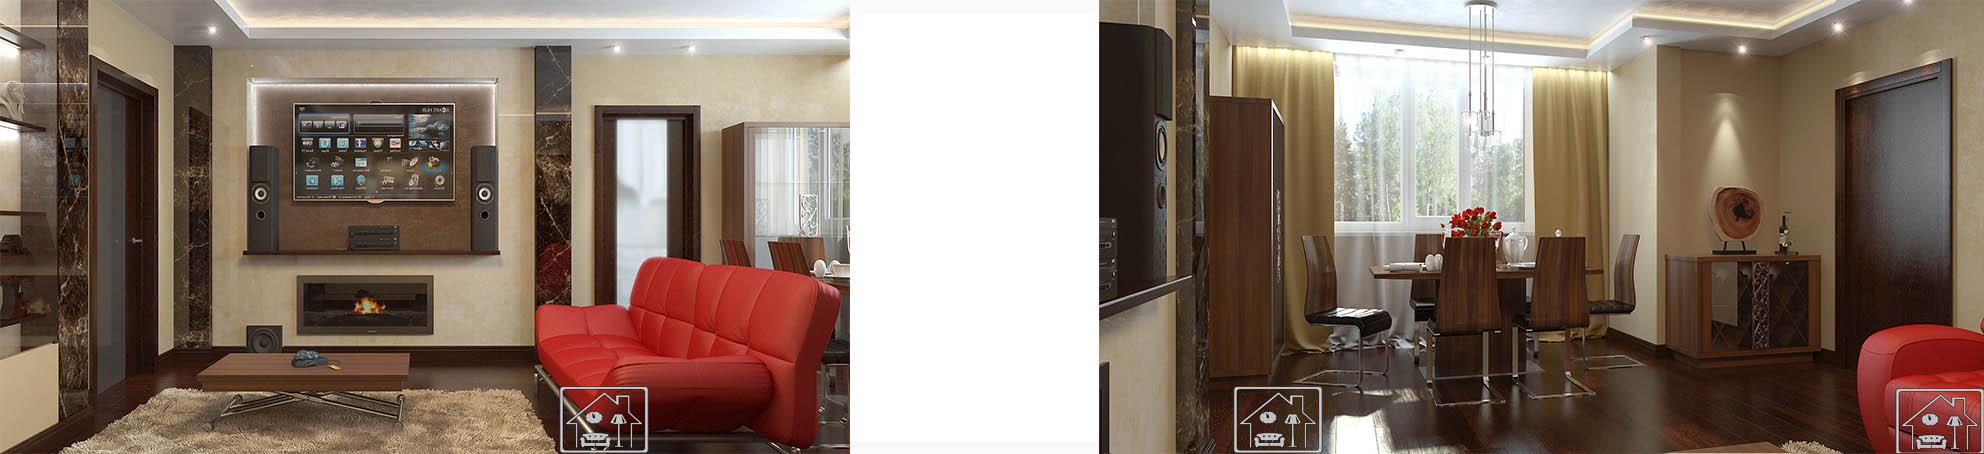 Гостиная в совр стилес мрамором с ТВ нишей